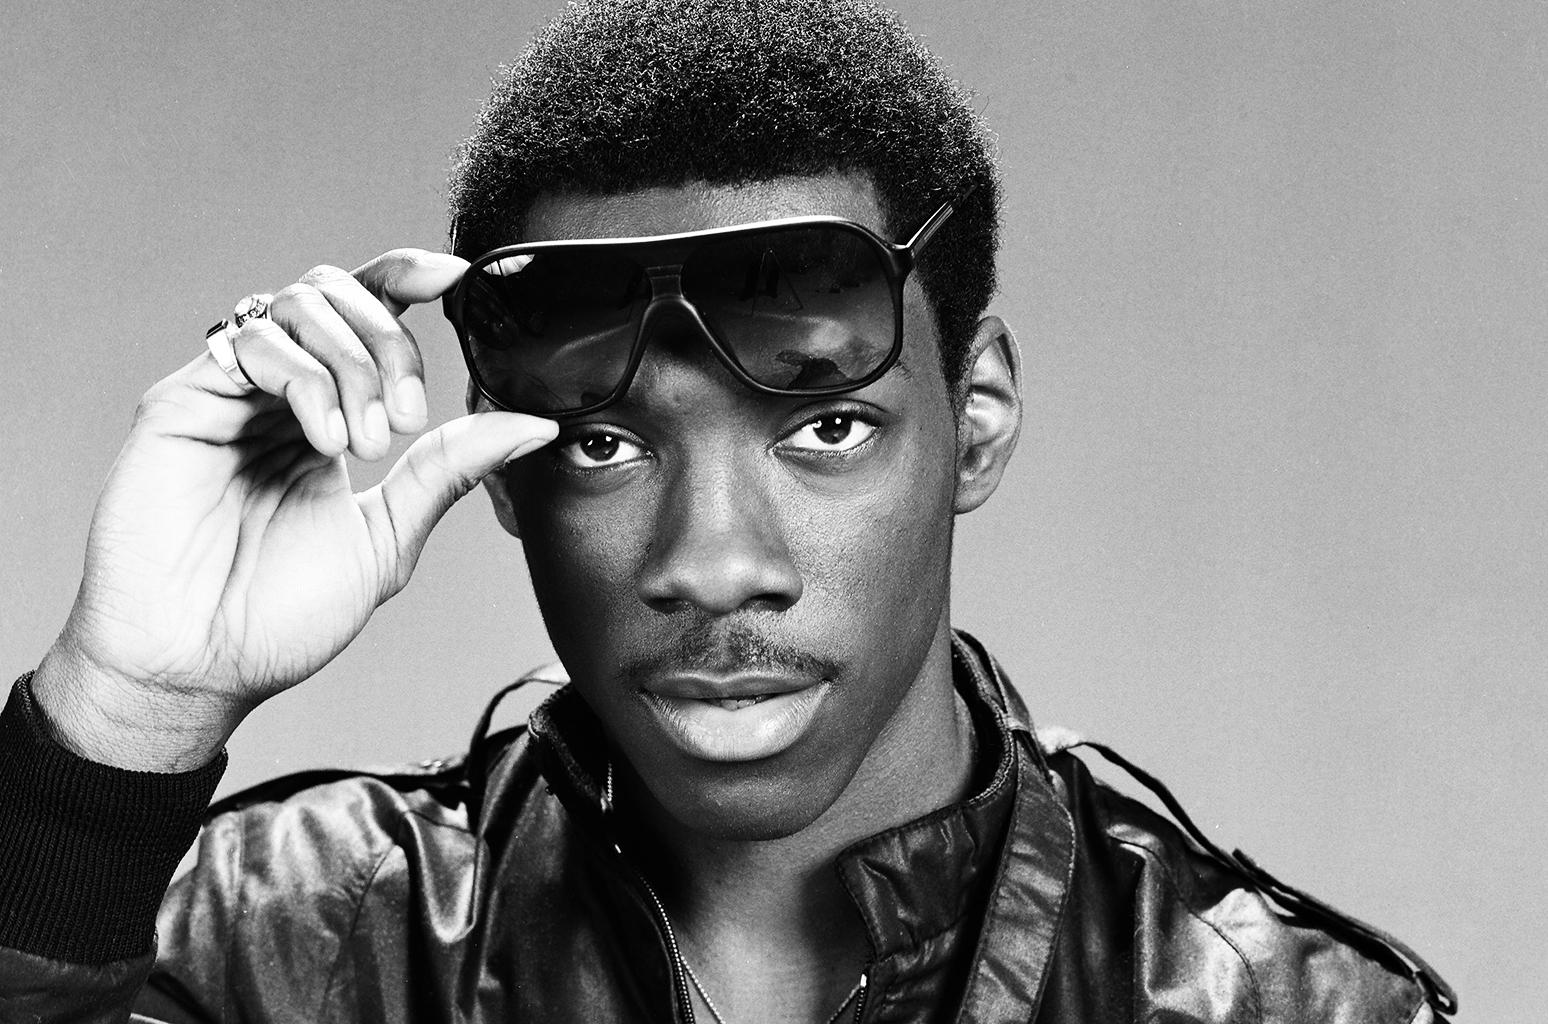 Eddie-Murphy-SNL-1980s-billboard-650-1548.jpg